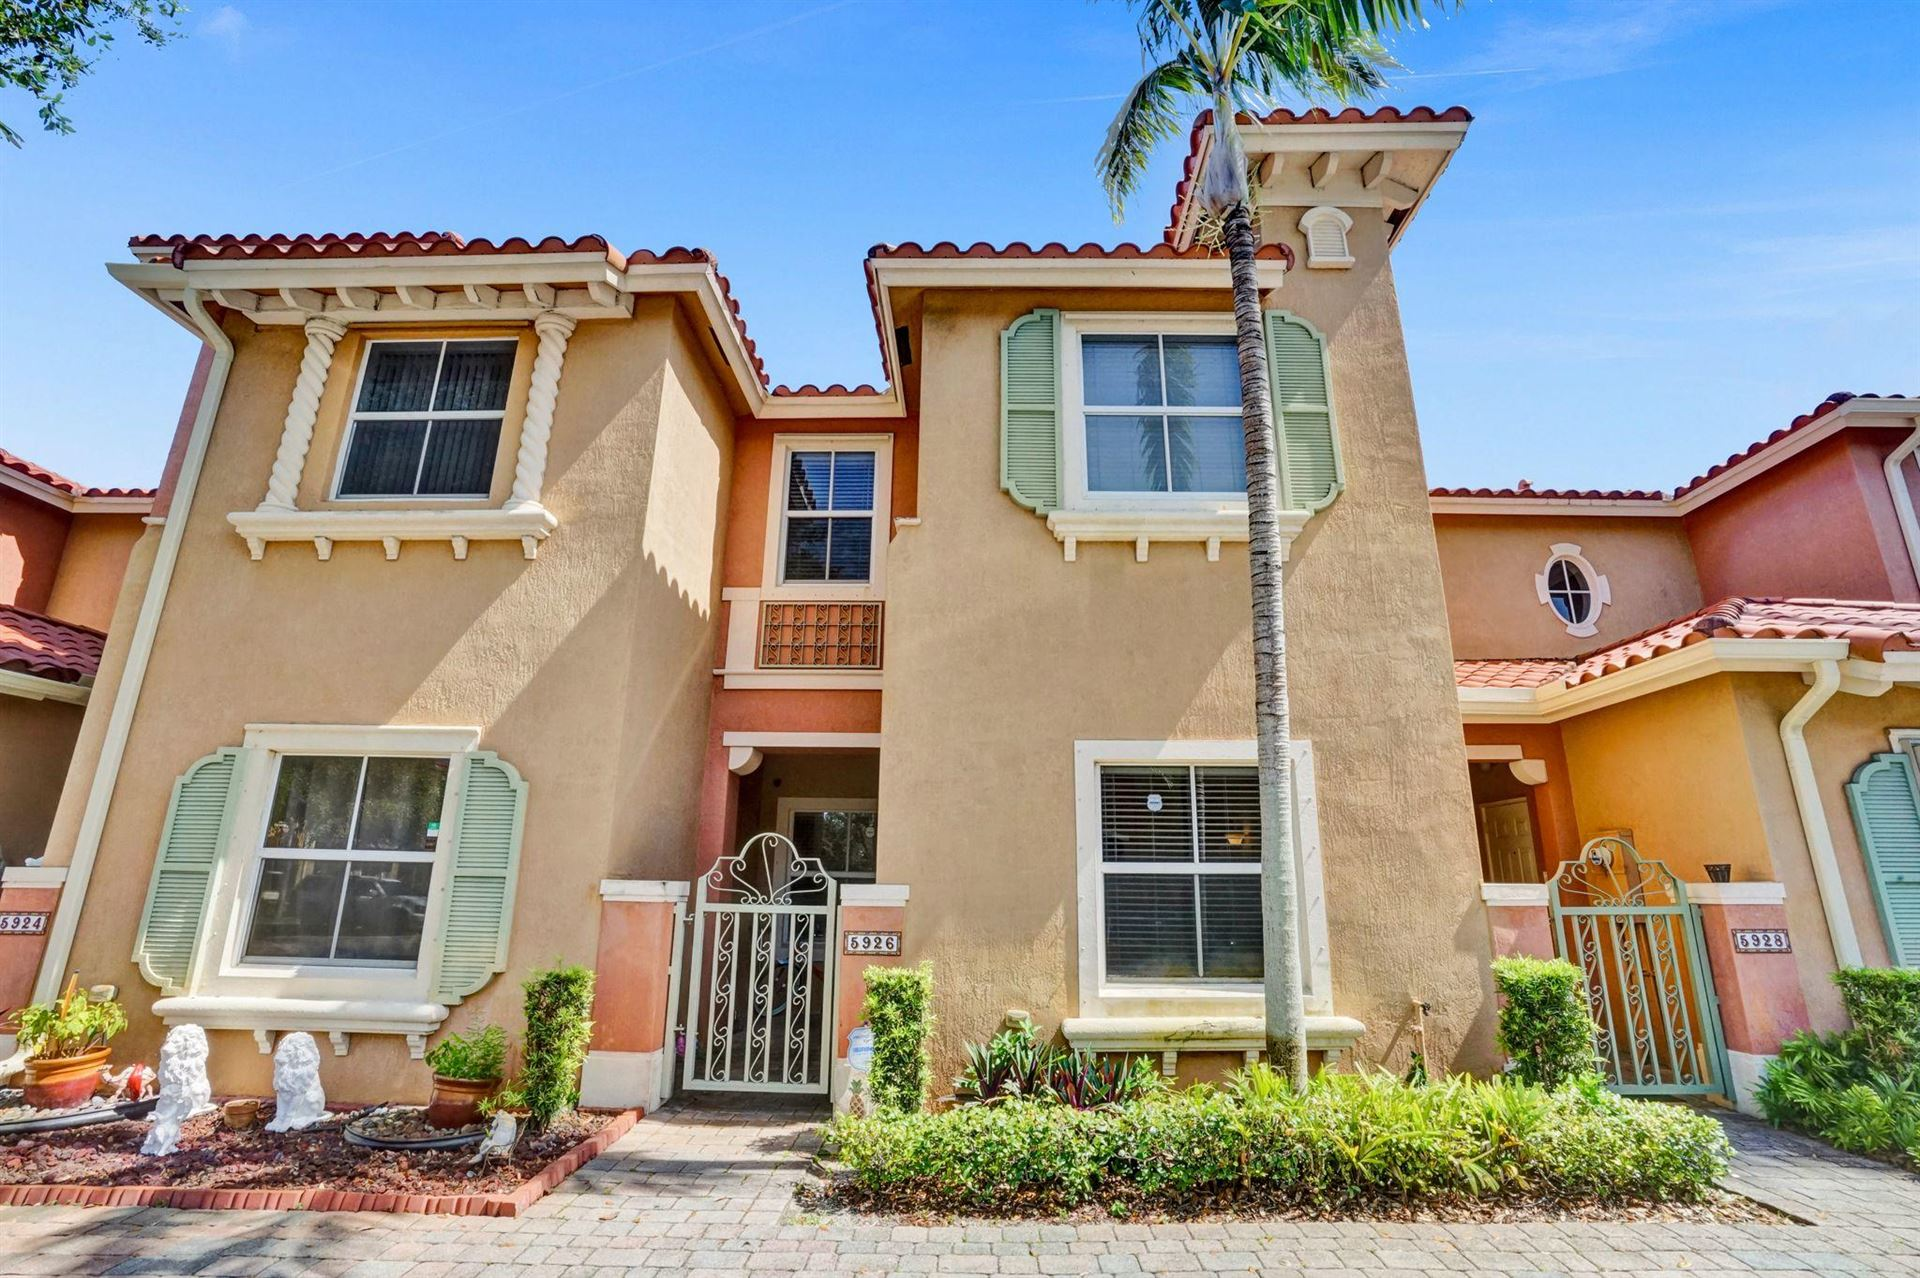 5926 Siena Lane #1204, Hollywood, FL 33021 - #: RX-10624233